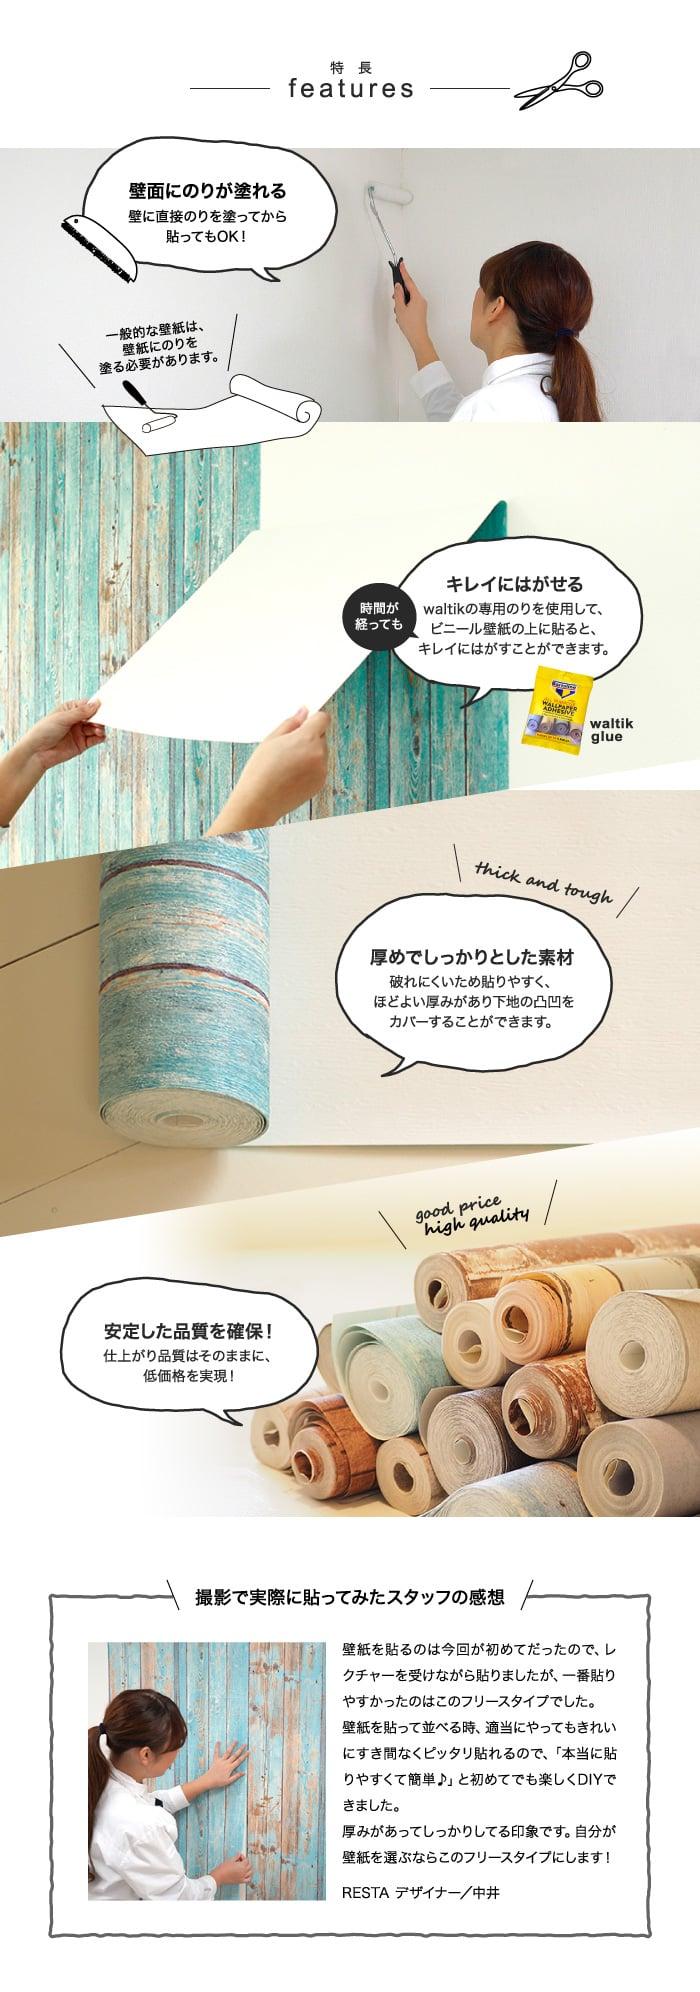 在庫処分アウトレット 壁紙2本 のり 道具セット Diy 壁紙 Waltik フリースタイプ 幅52 5cm 10m巻 Resort Wood リゾートウッド Resta